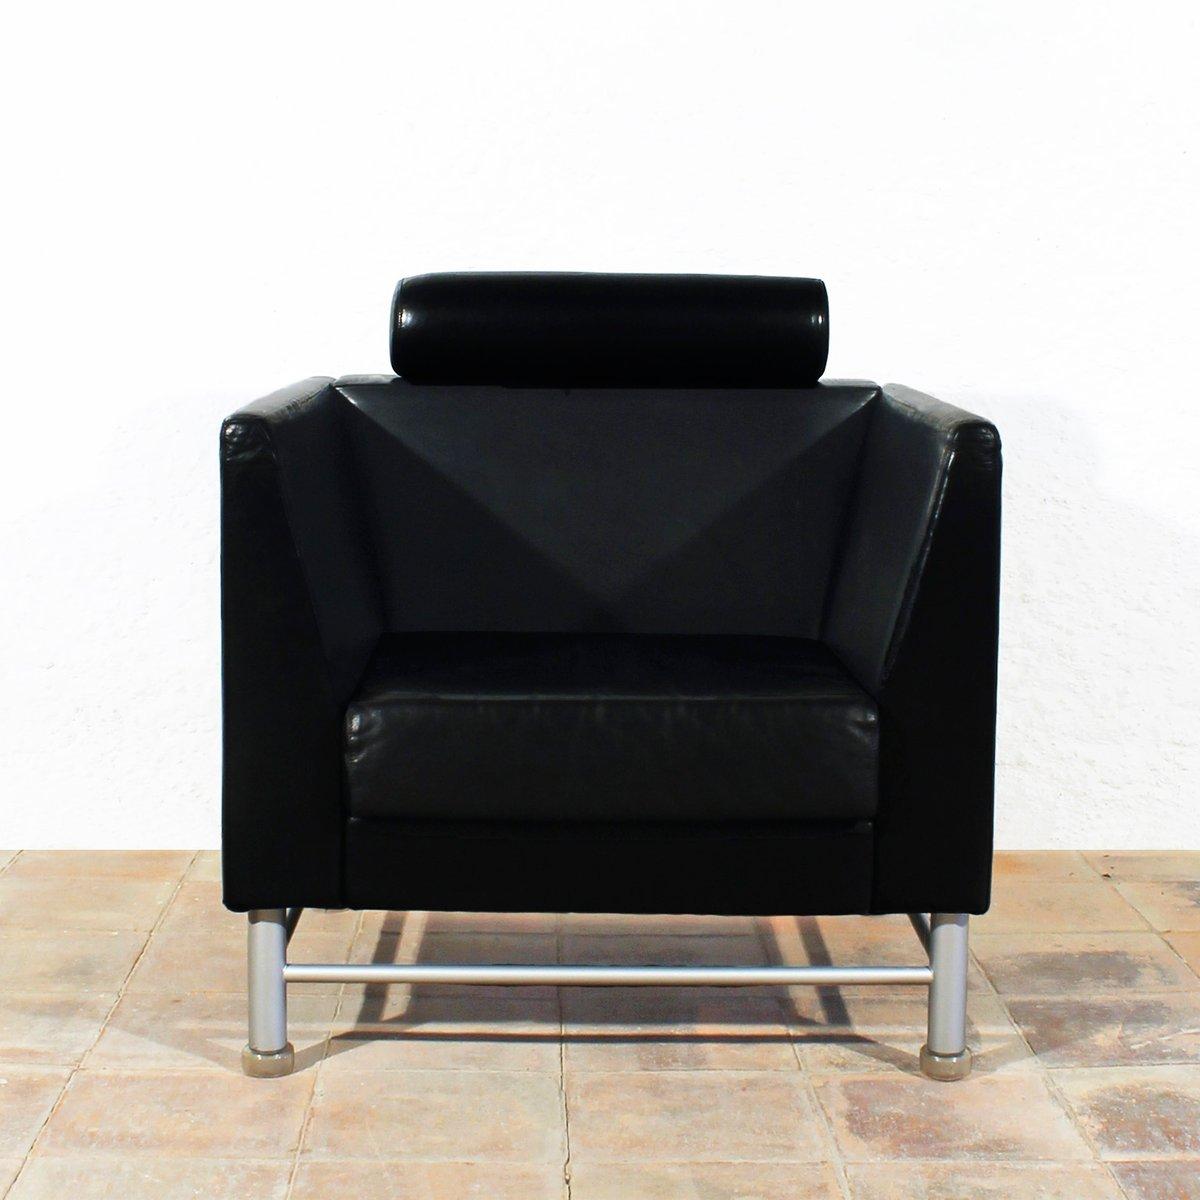 eastside lounge st hle von ettore sottsass f r knoll 1980er 2er set bei pamono kaufen. Black Bedroom Furniture Sets. Home Design Ideas